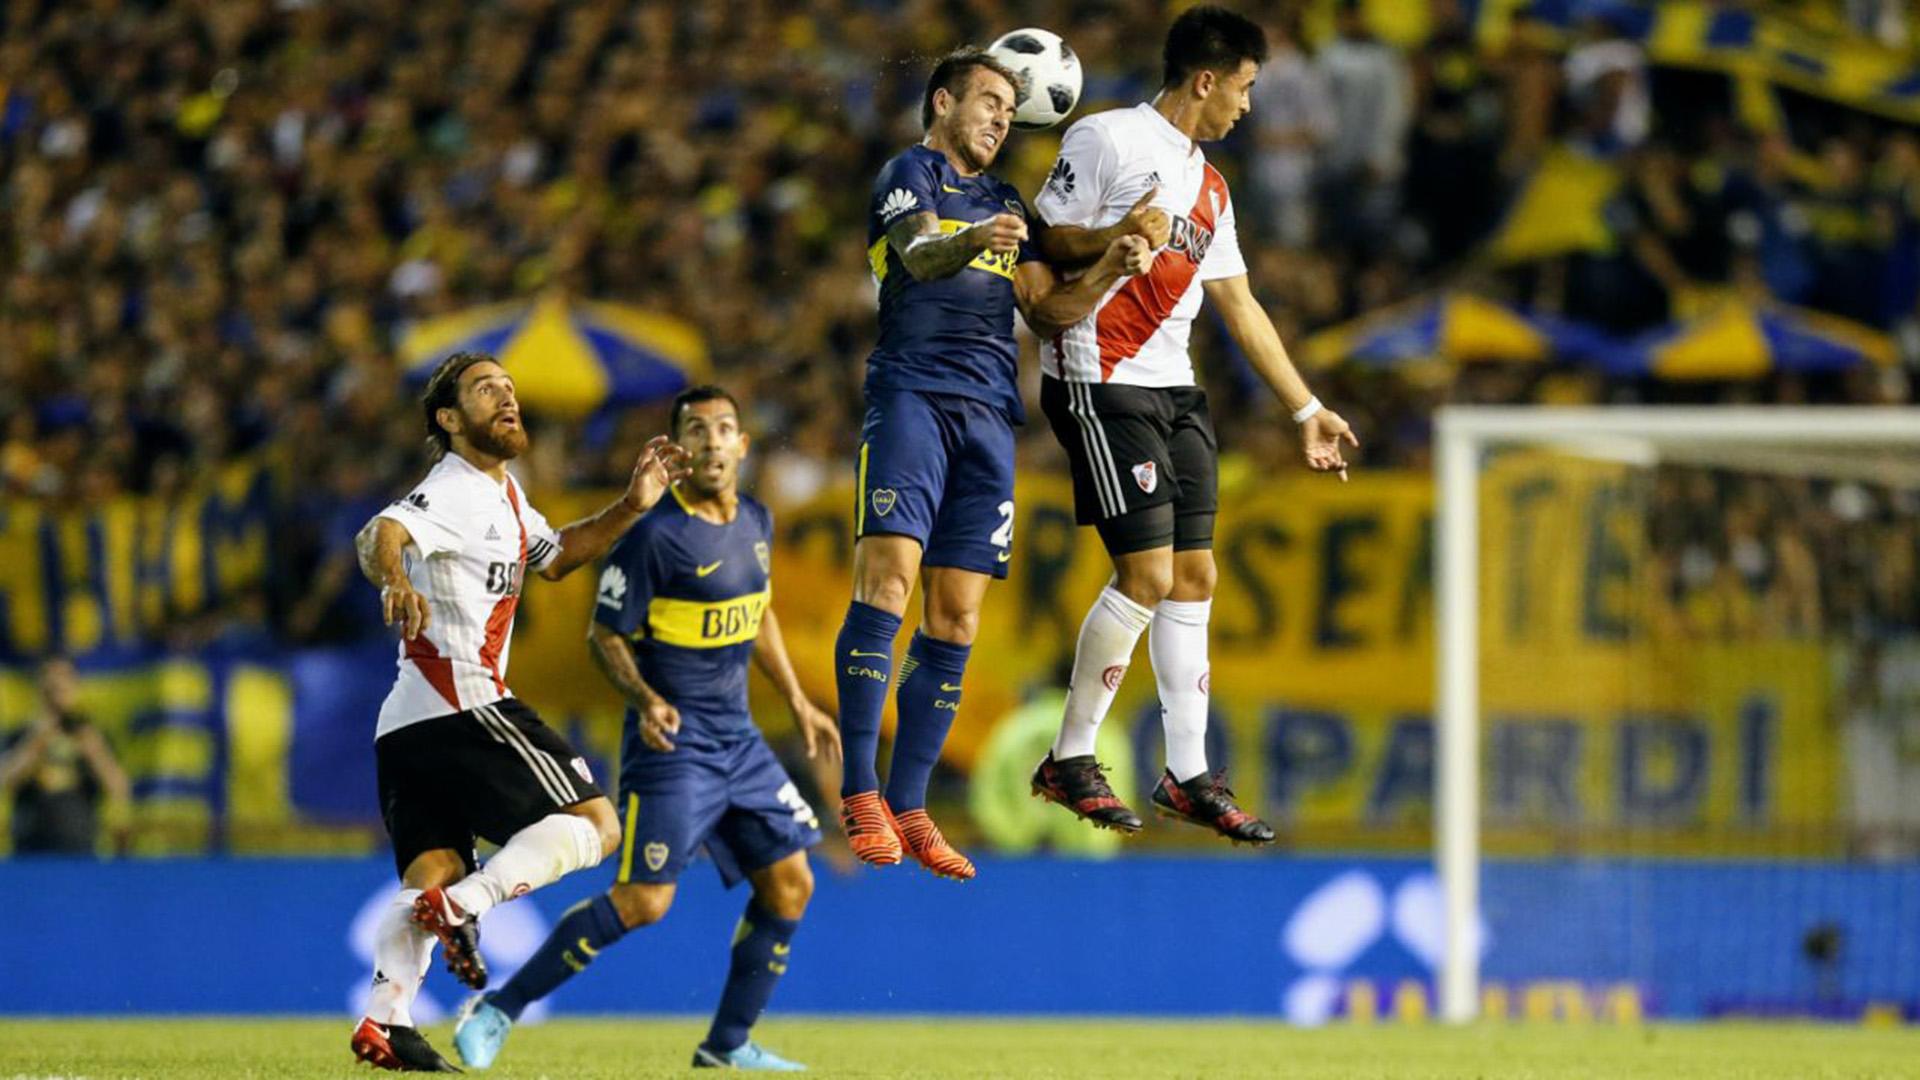 Ponzio y Tevez no pueden creer el irreal vuelo en el aire de Martínez y Buffarini